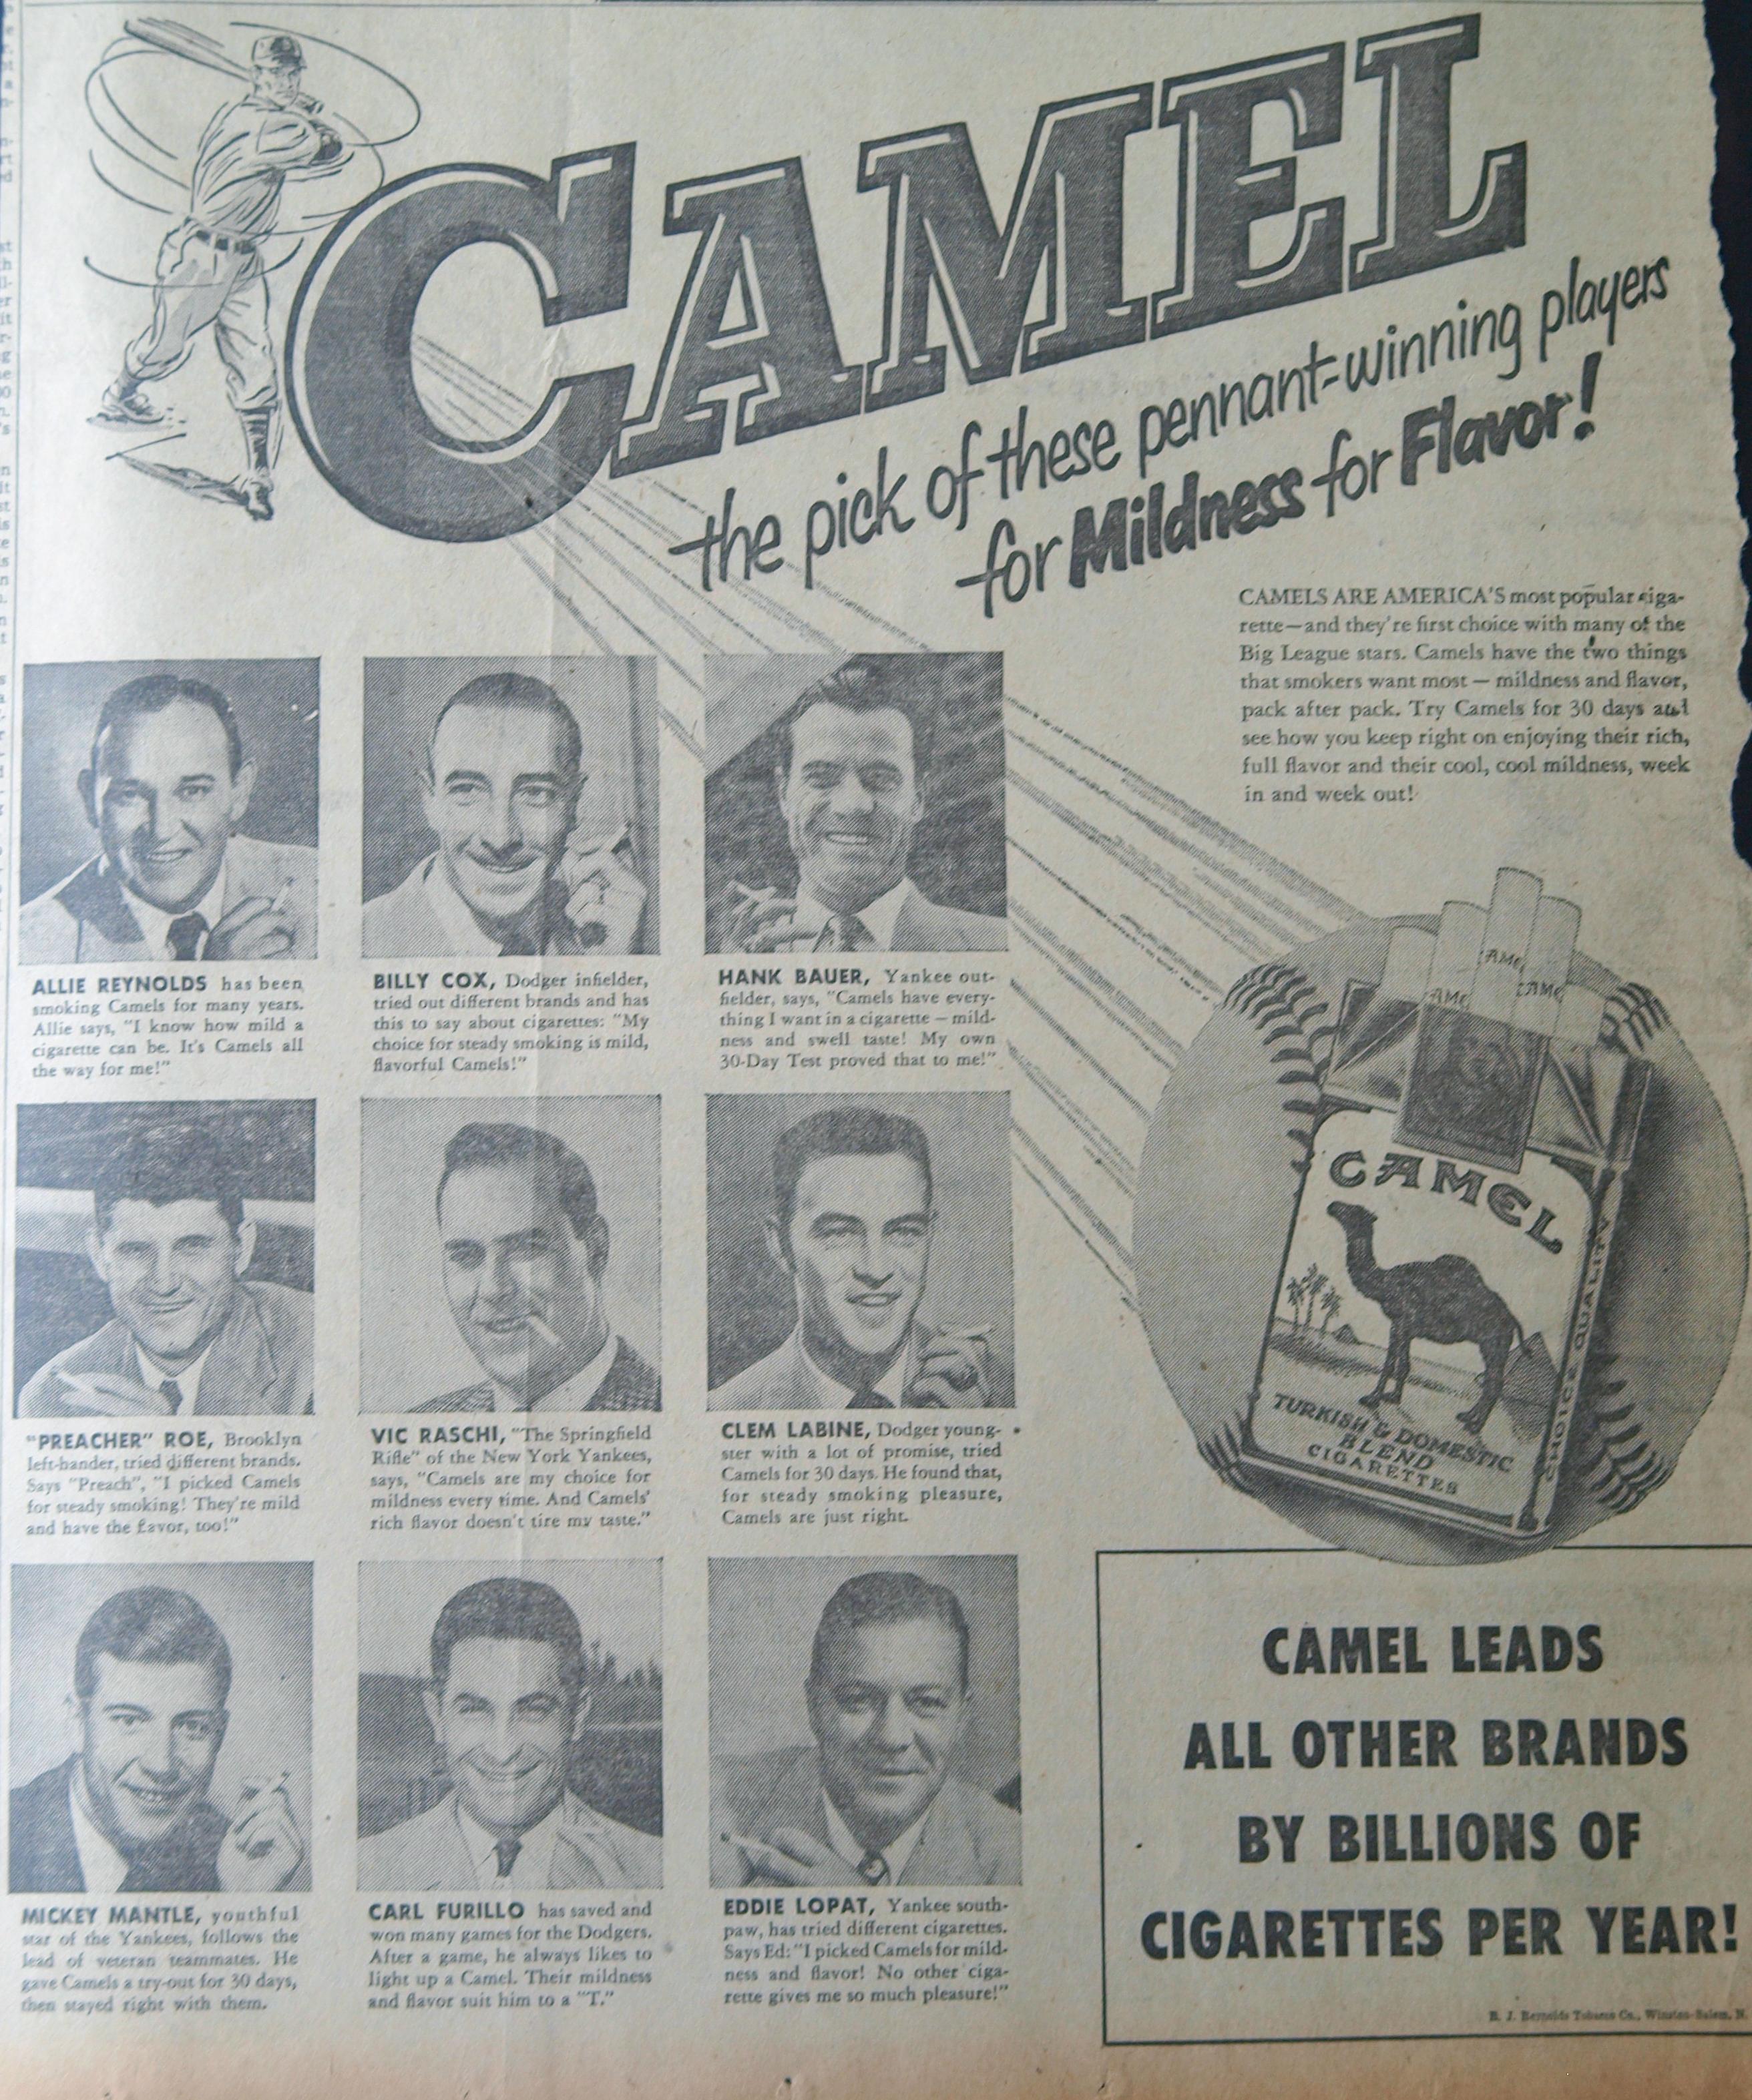 1952, unknown newspaper, 10/02/1952